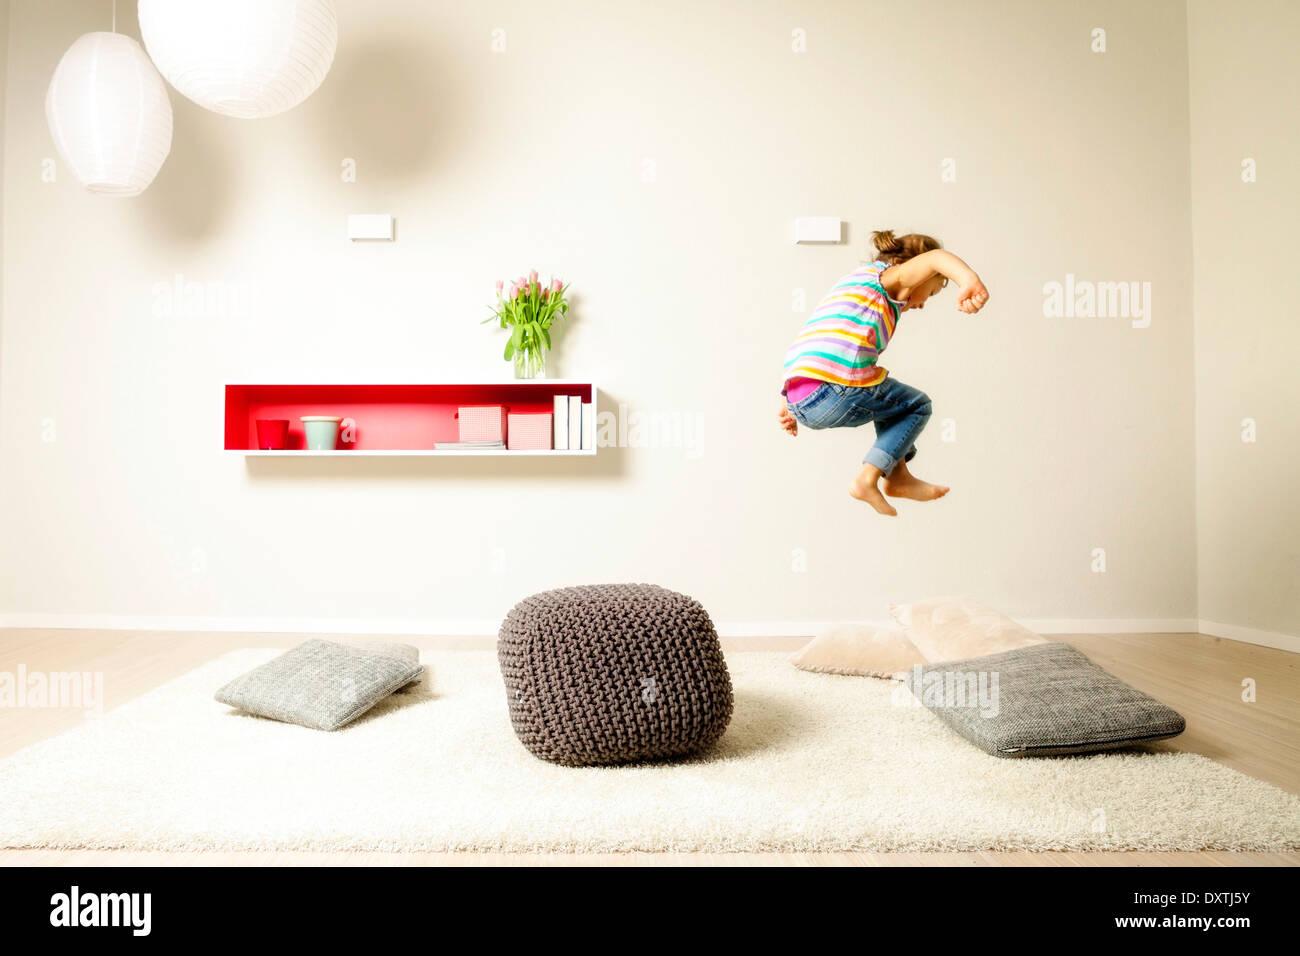 Chica saltando a través de cojines, divertirse, Munich, Baviera, Alemania Imagen De Stock